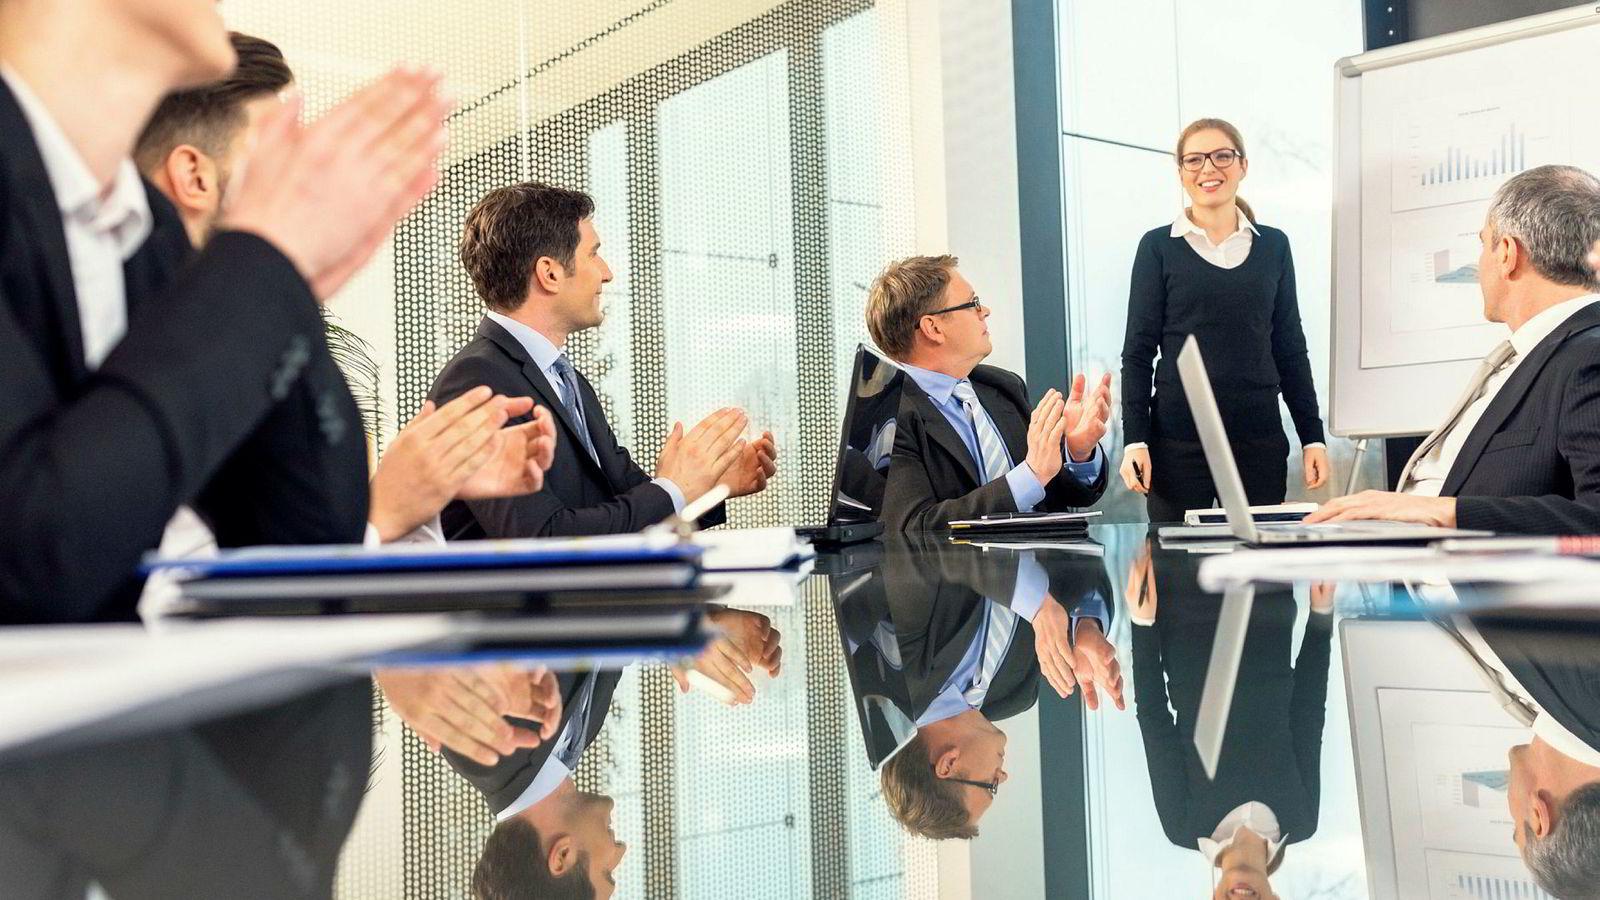 På en arbeidsplass er det store forskjeller mellom arbeidstagere i produktivitet og resultater, men et enkelt grep kan minske dette.